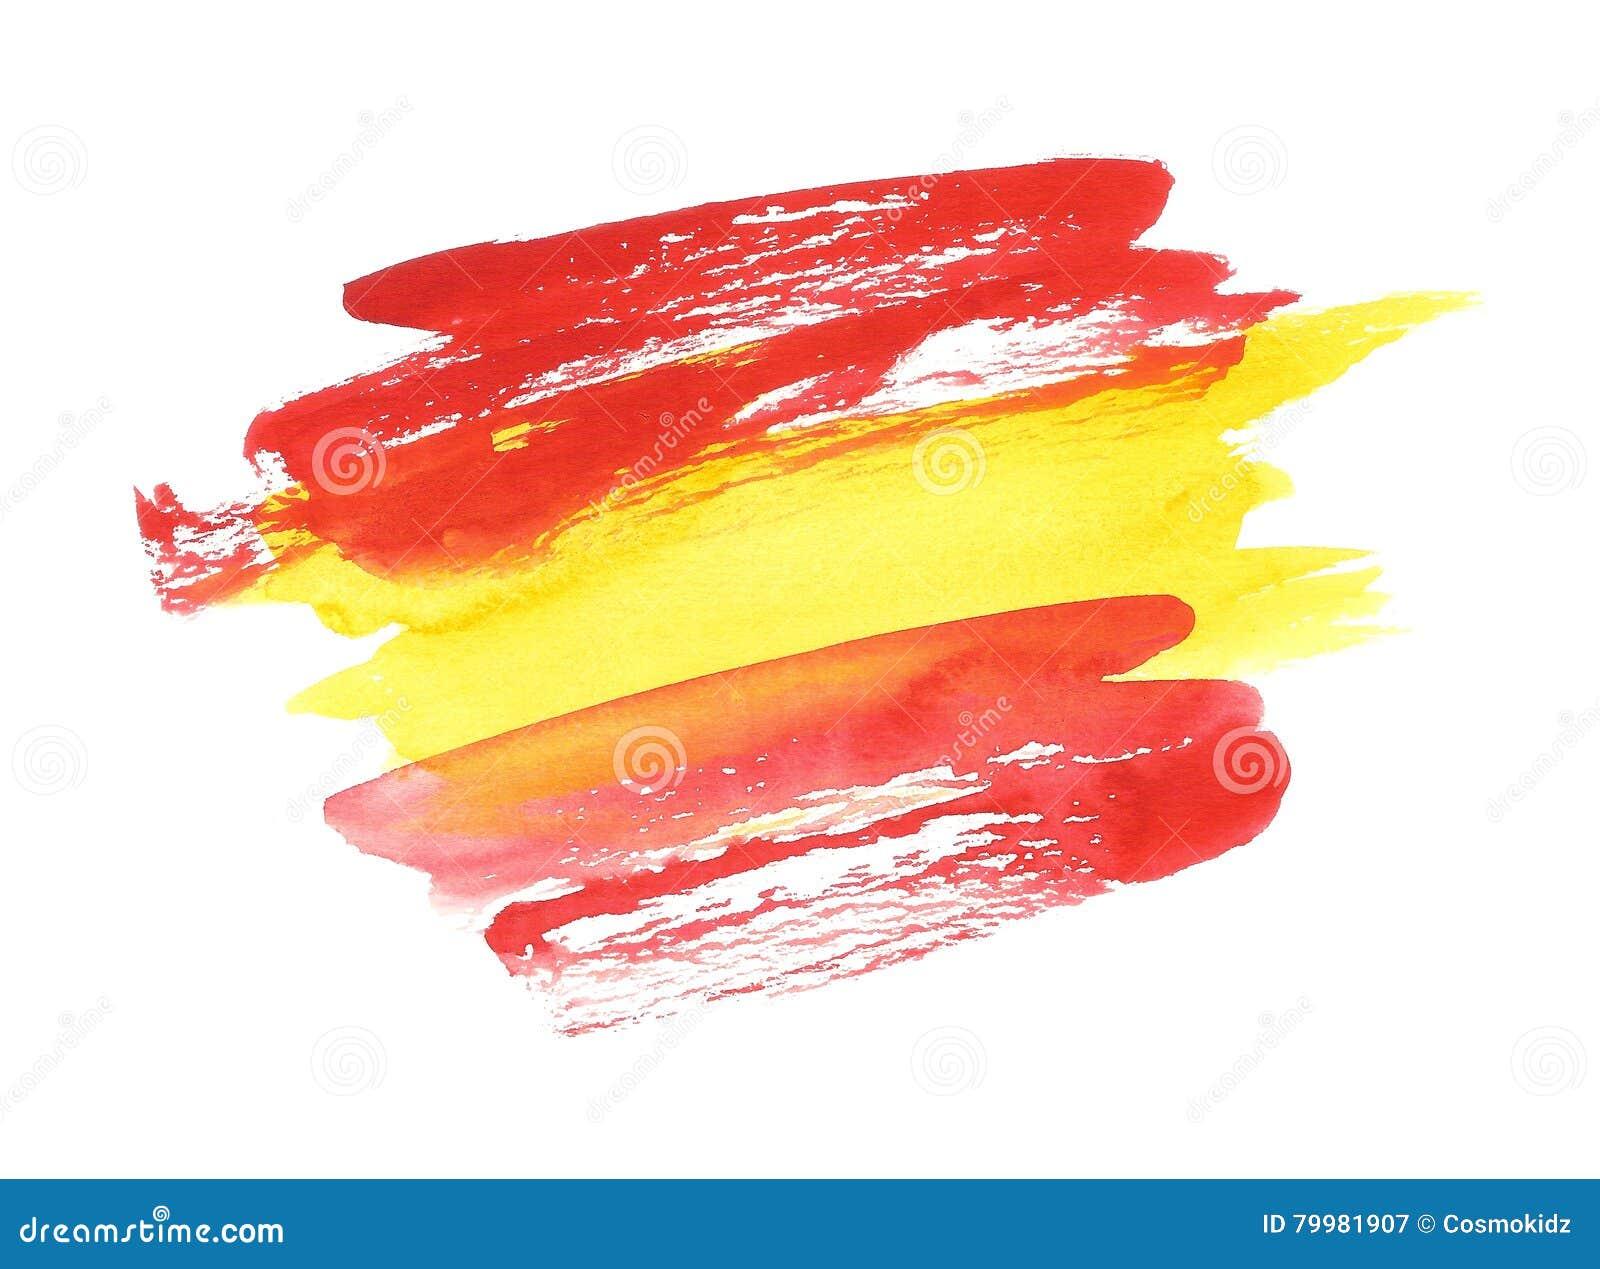 Bandera espa ola de la acuarela bandera abstracta de - Dibujo bandera inglesa ...